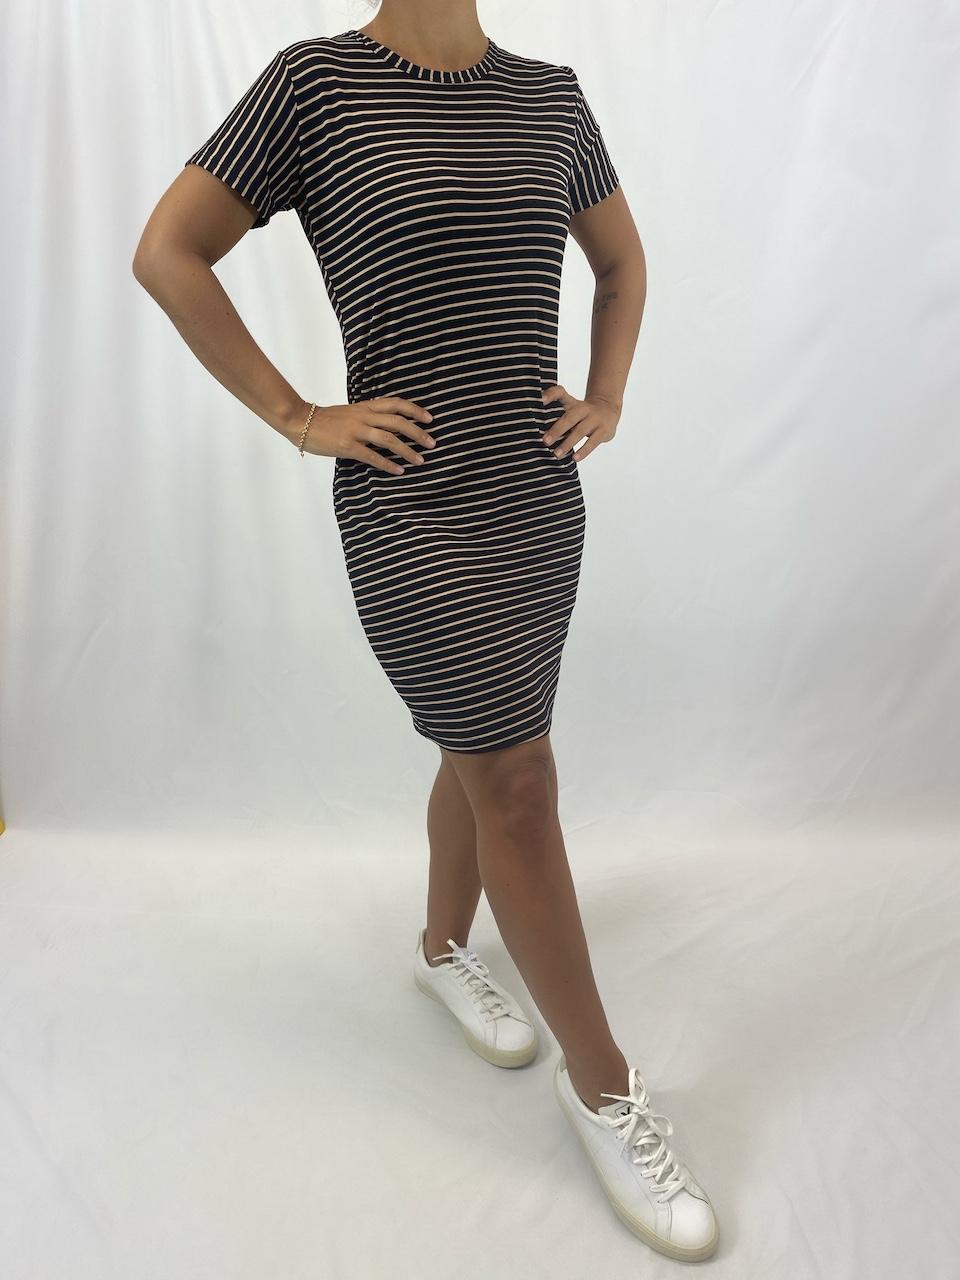 Vestido Tubinho Listrado Feminino - Preto e Dourado Listra Fina